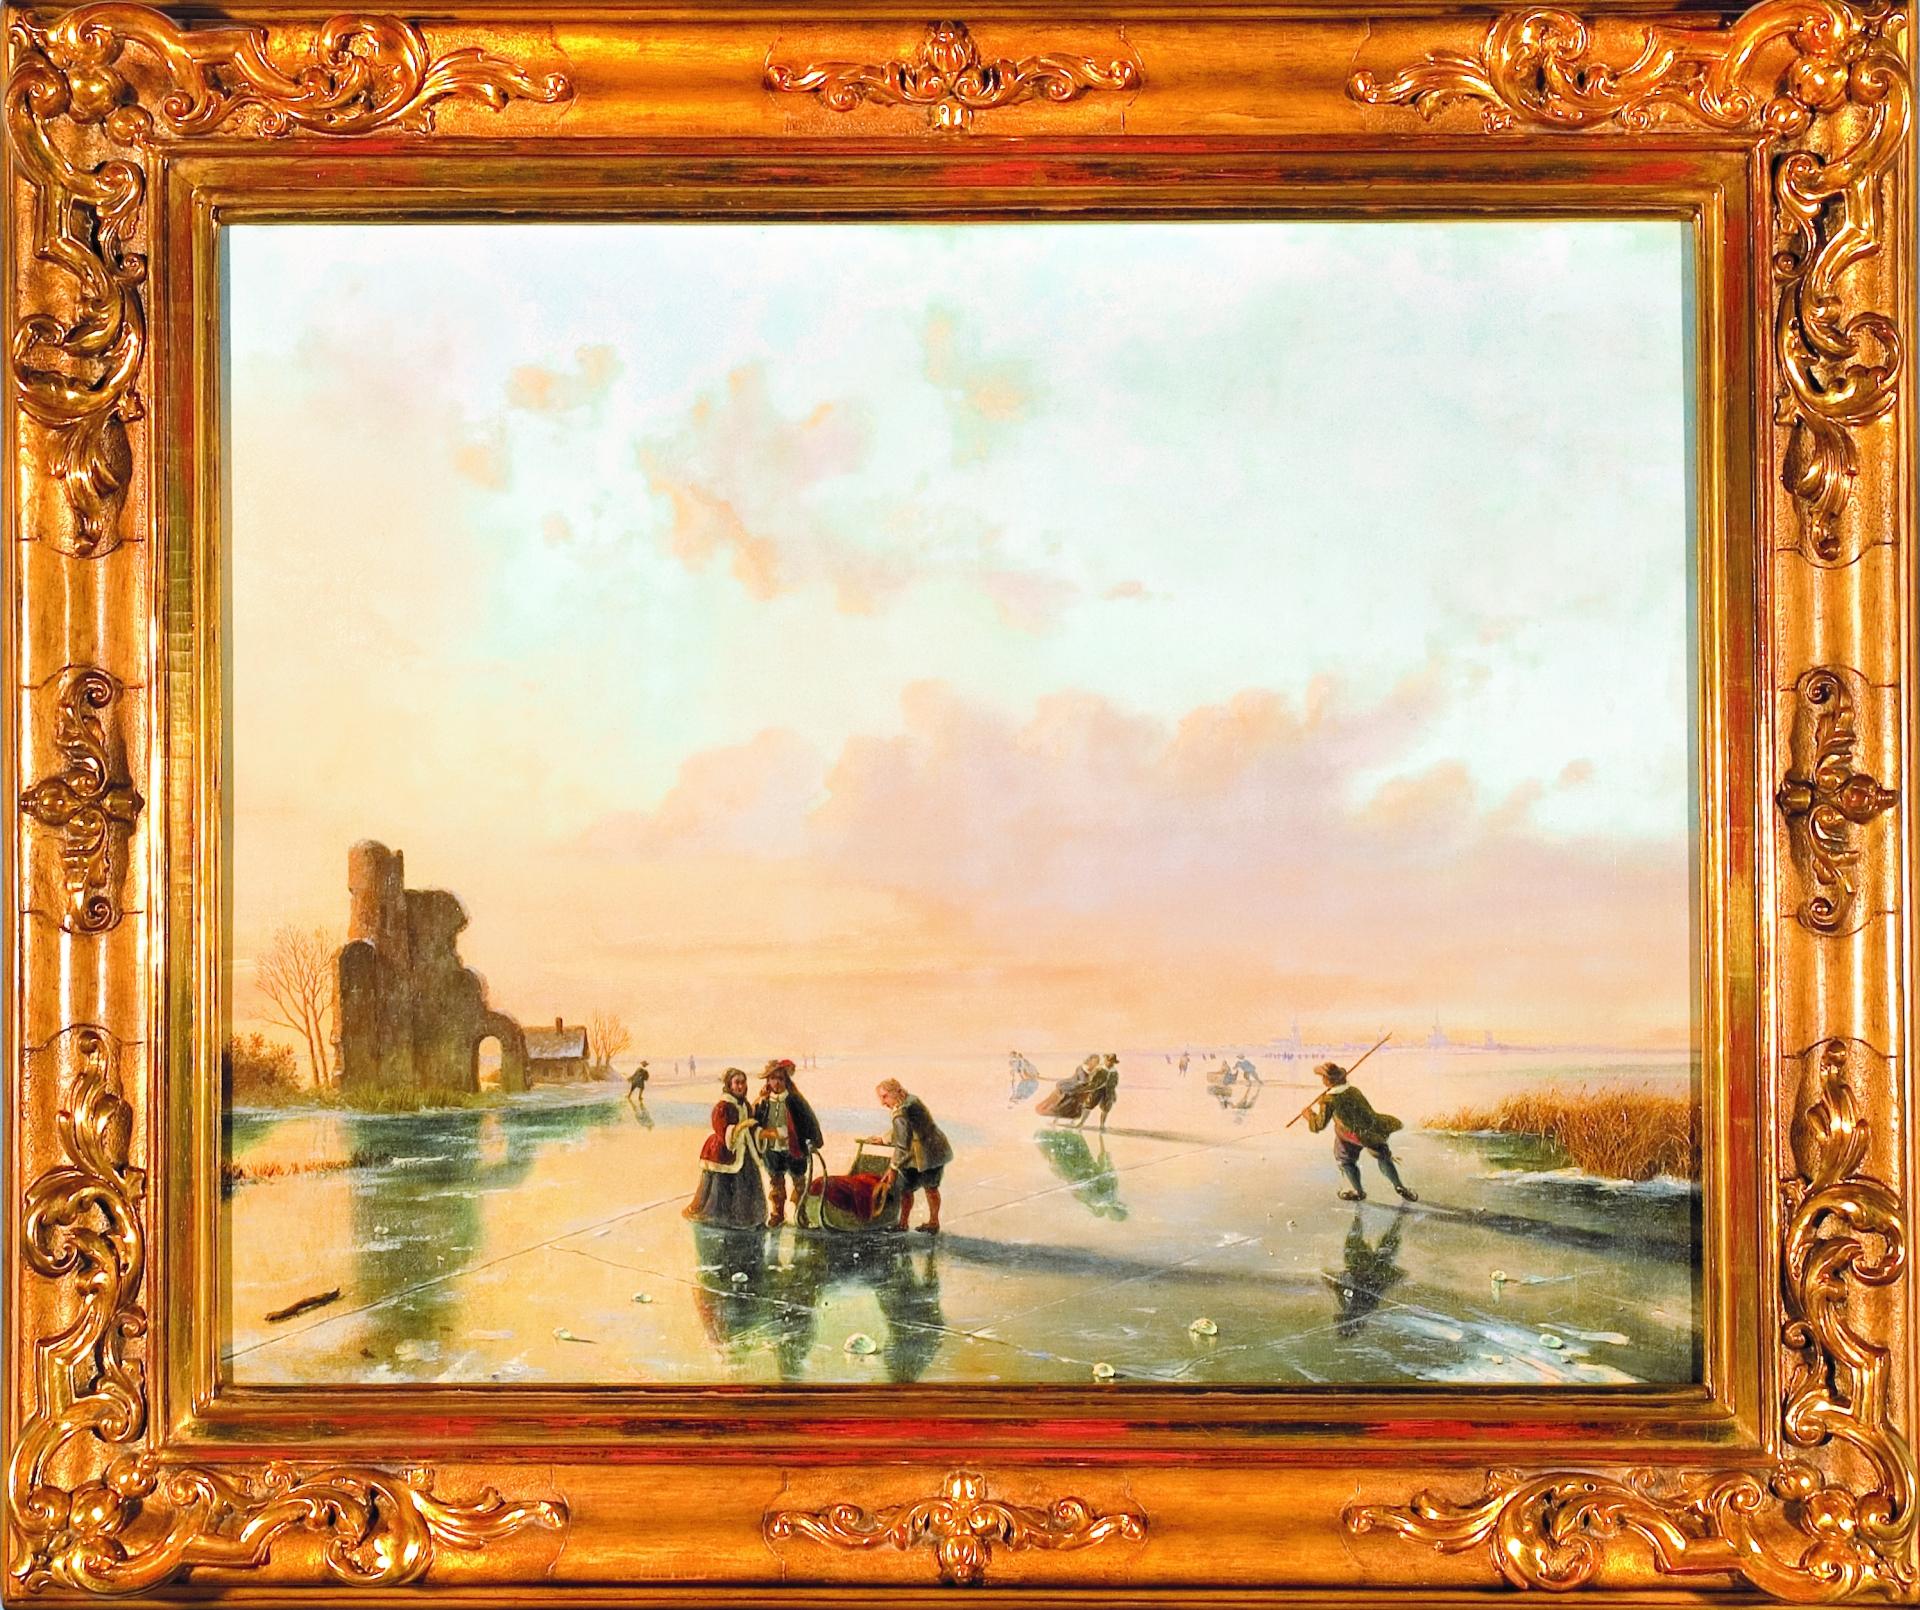 Nicolaas Johannes ROOSENBOOM [ 1805-1880] Na lodzie, olej na płótnie, 63 x 80 cm, obraz z kolekcji Artykwariatu